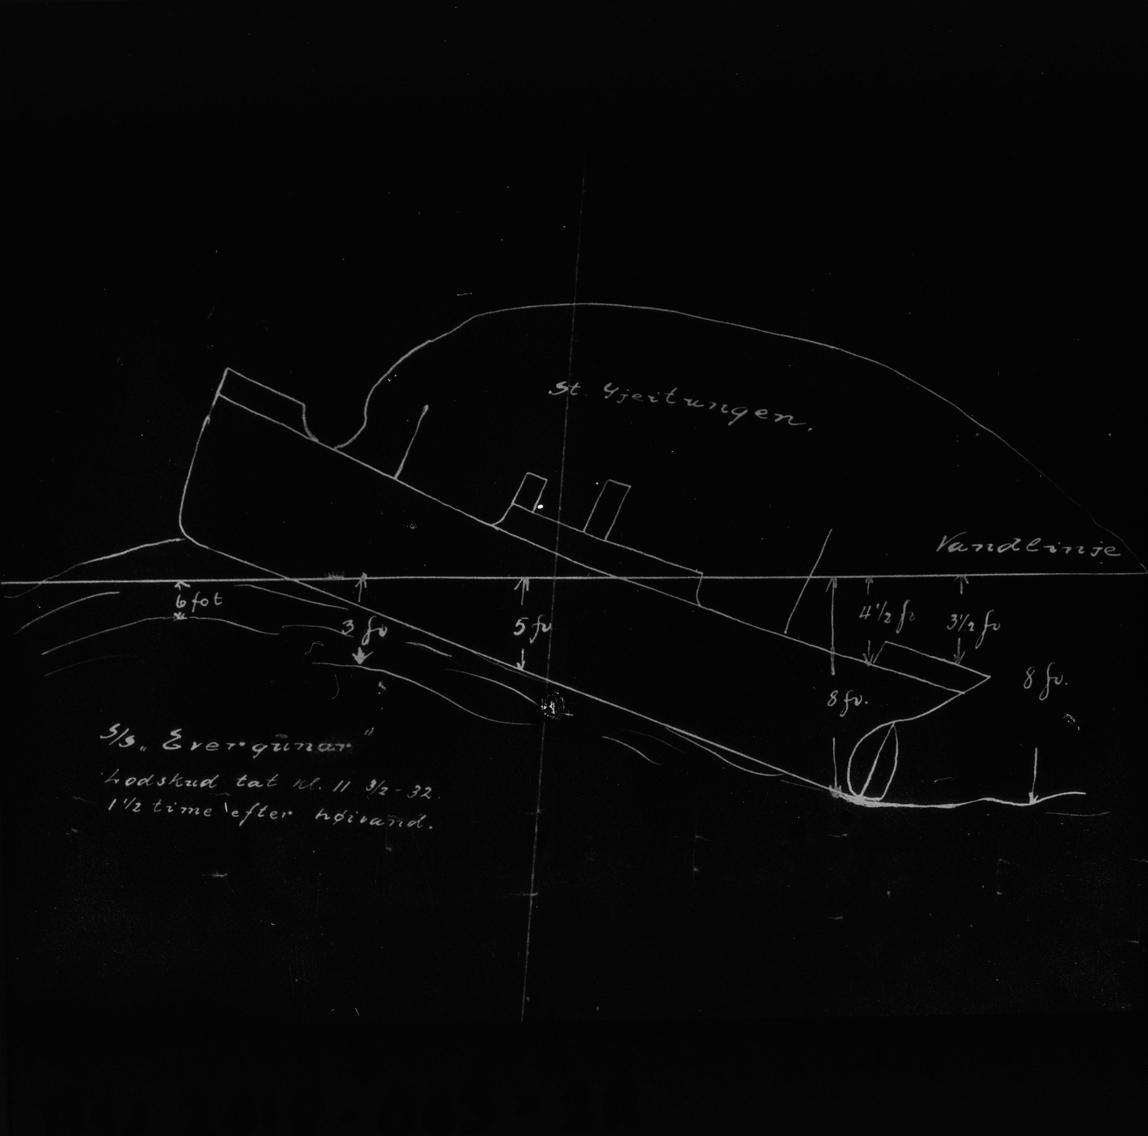 Avfotografert teknisk tegning som forklarer hvordan DS EVERGUNAR ligger på grunn.